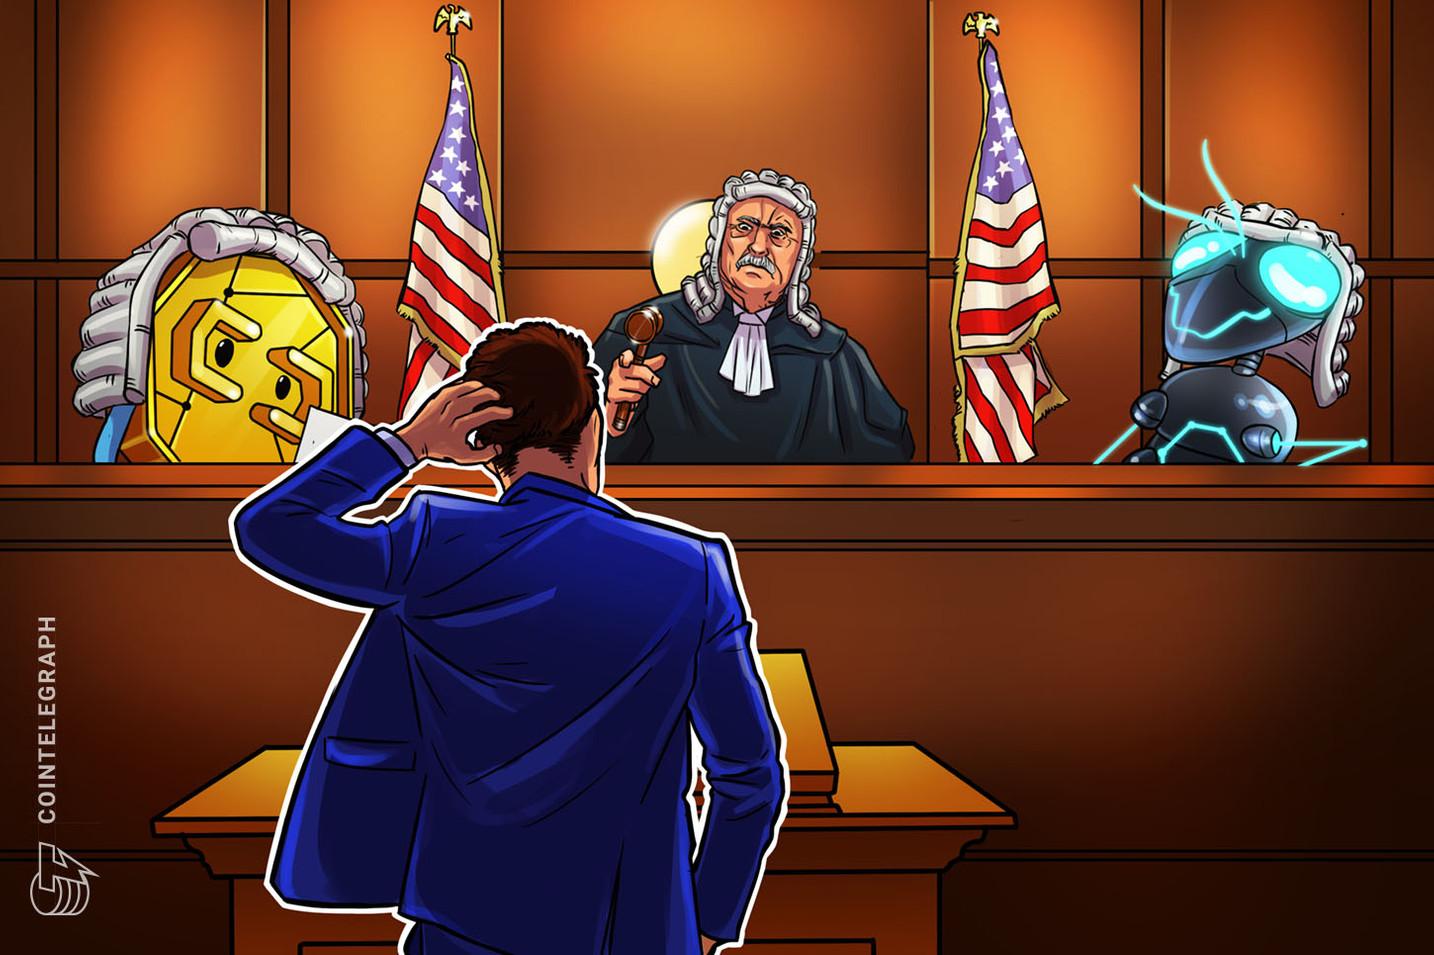 Porque el encuentro legal de ATB Coin establece un precedente en Nueva York para futuras violaciones de valores